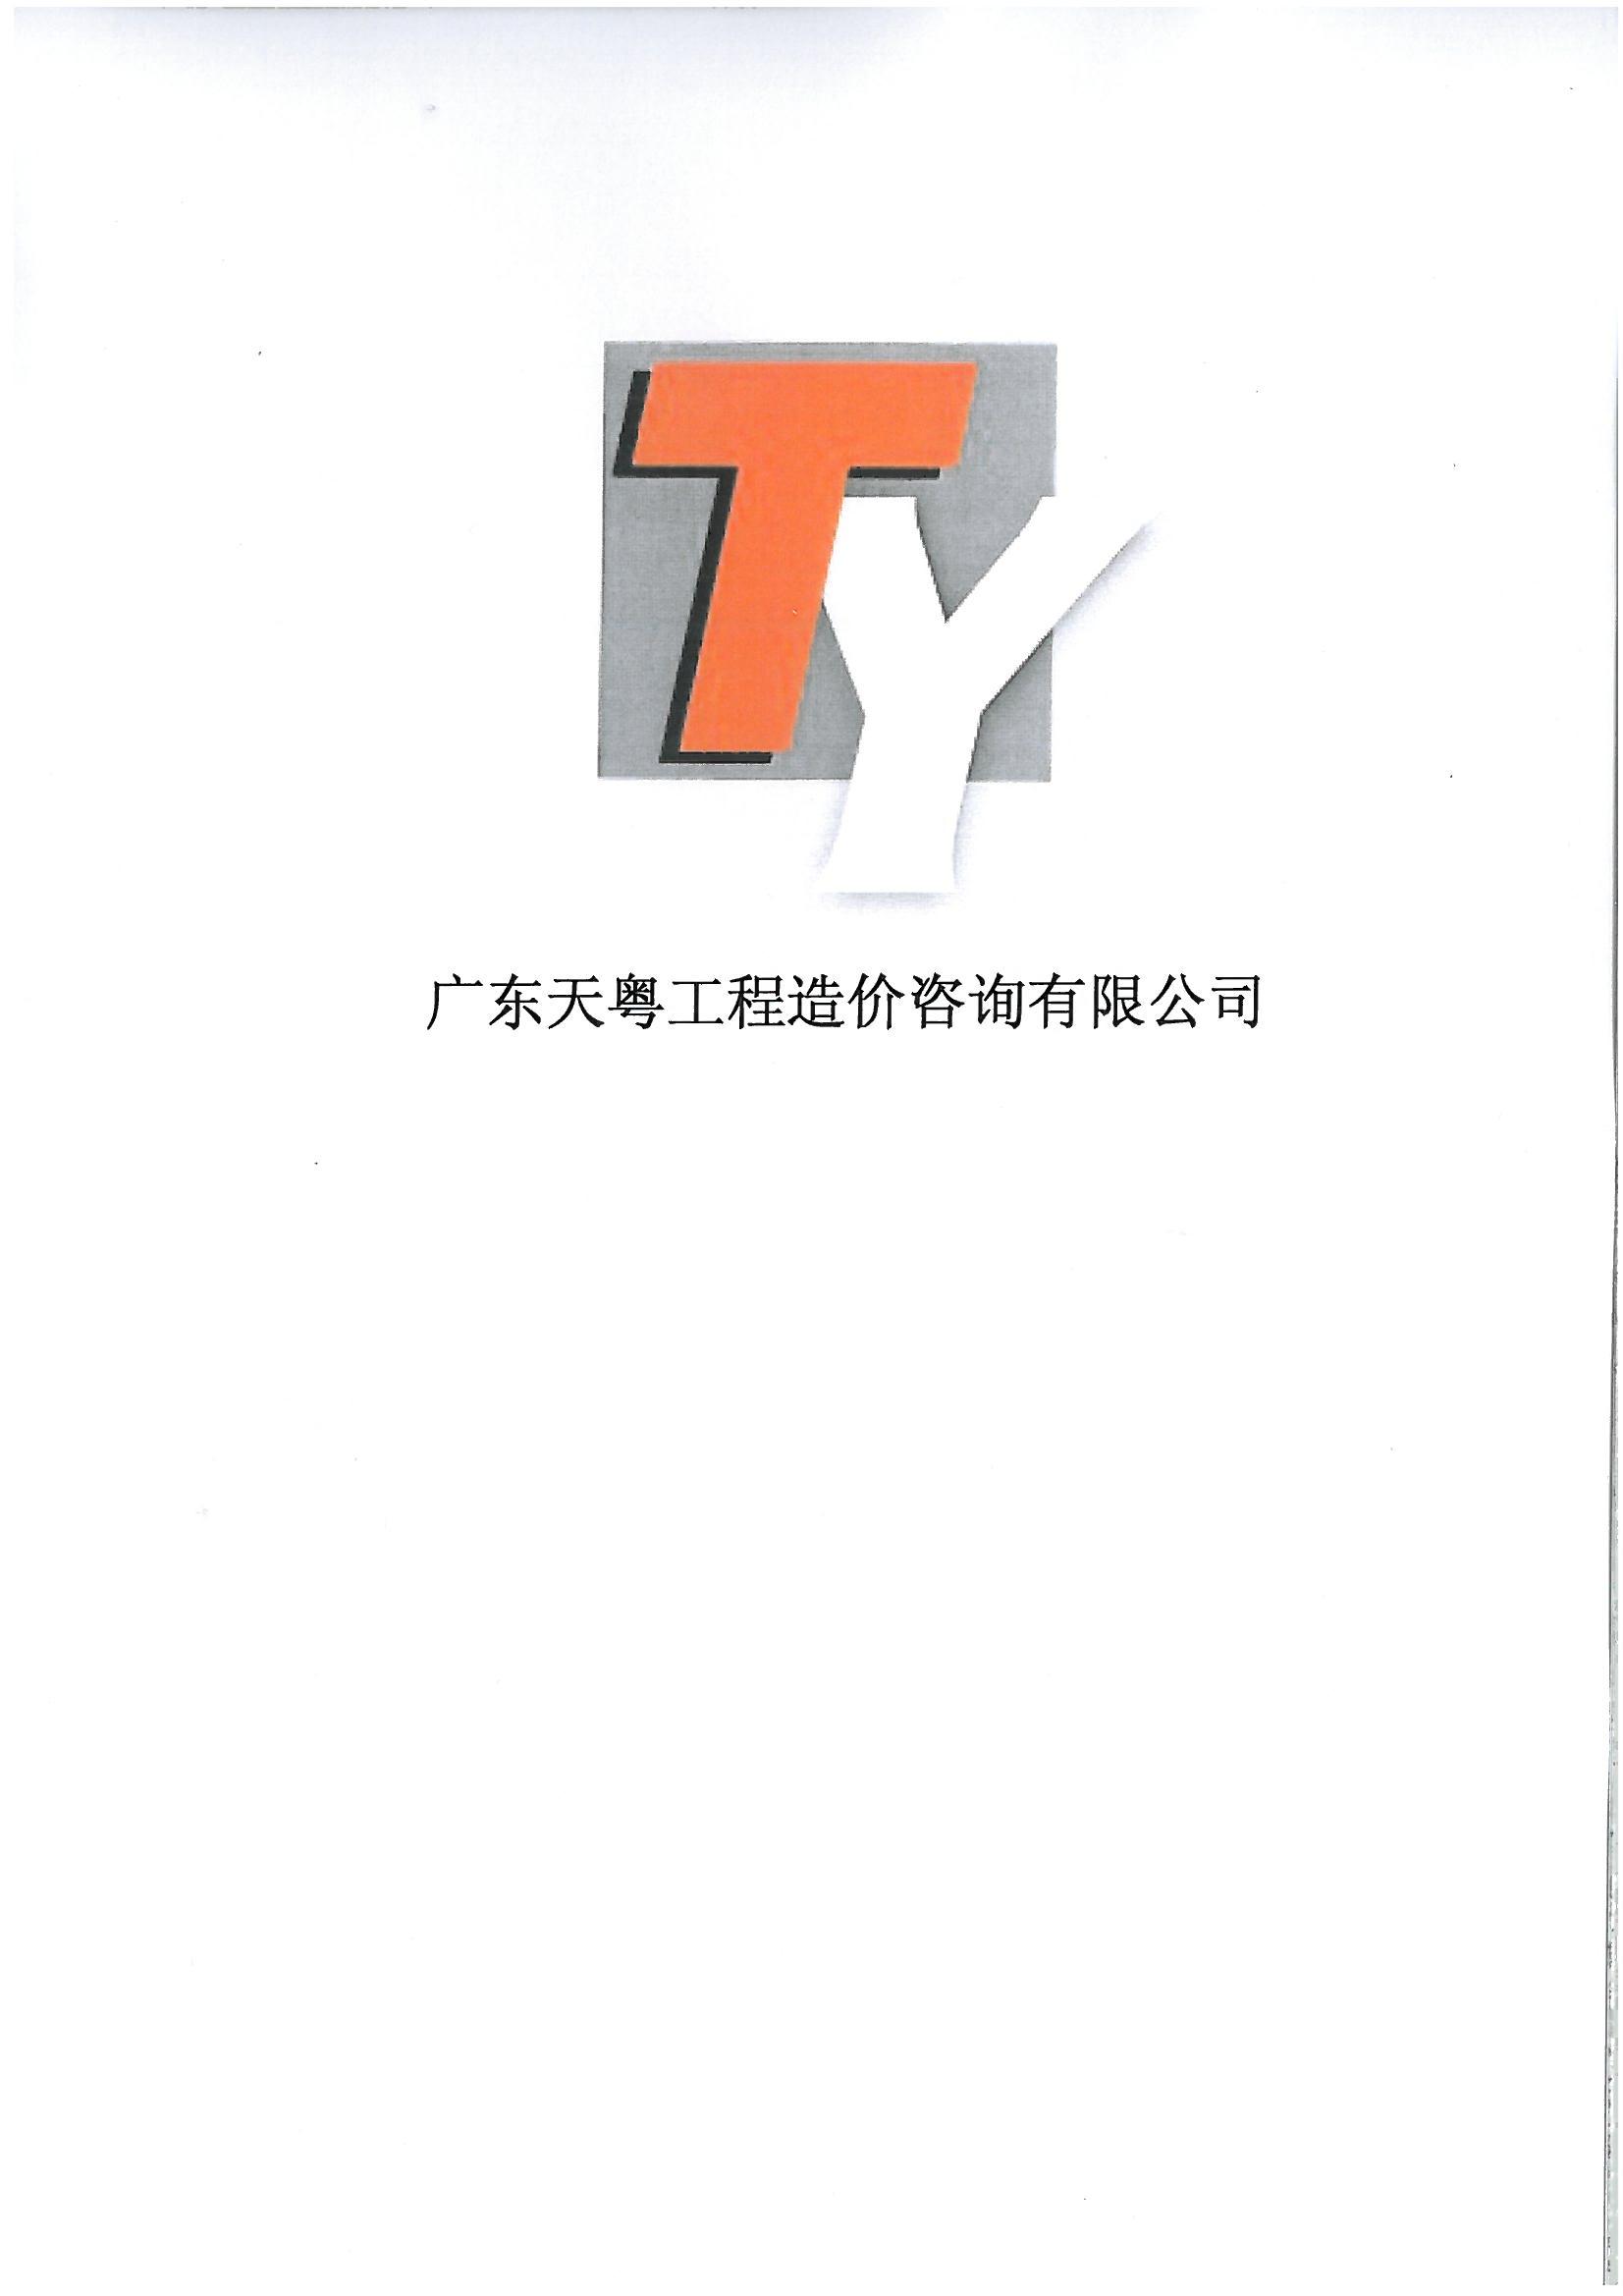 广东天粤工程造价咨询有限公司最新招聘信息